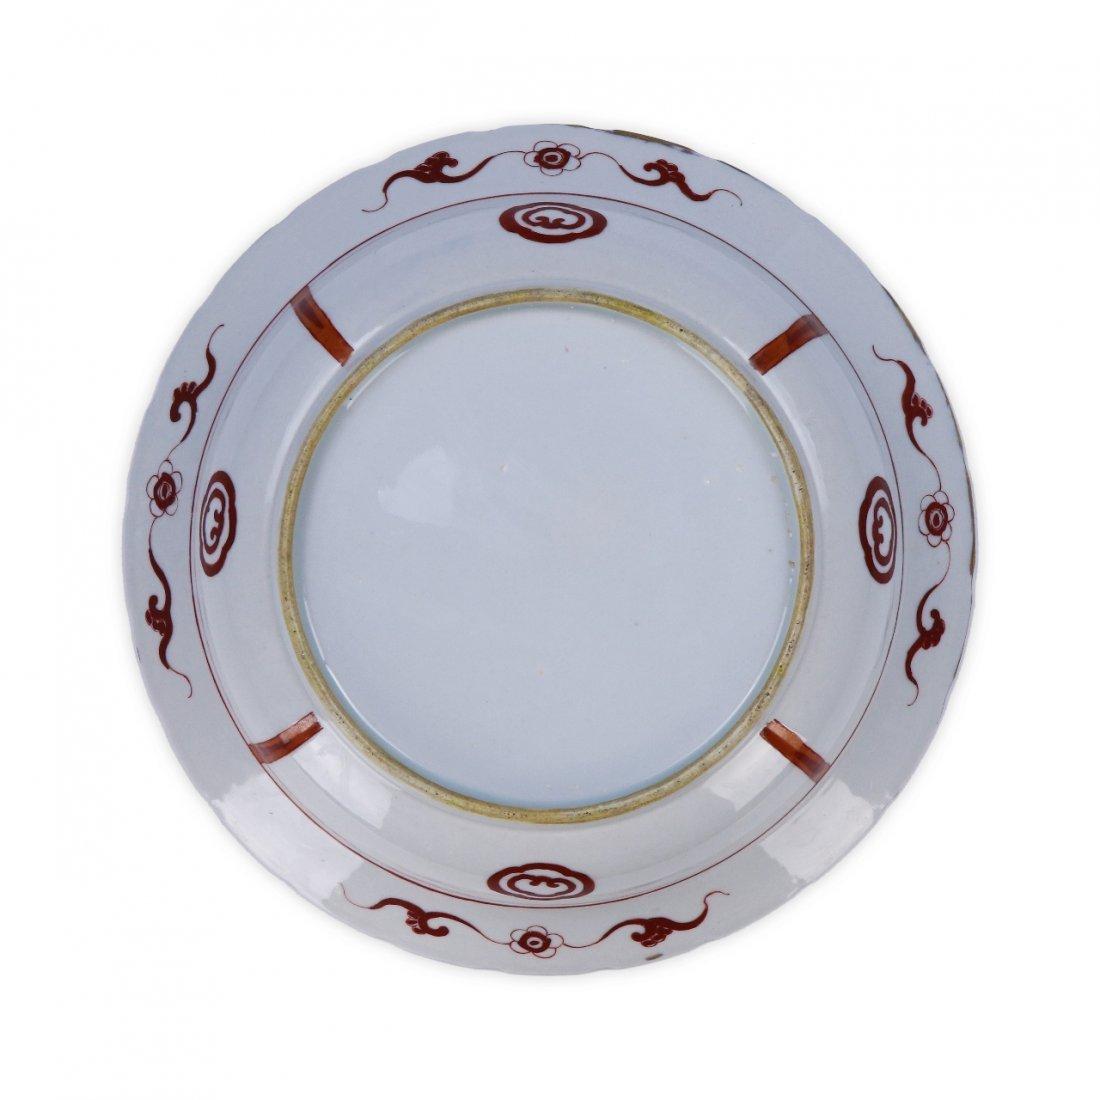 A Japanese Antique Porcelain Plate - 5